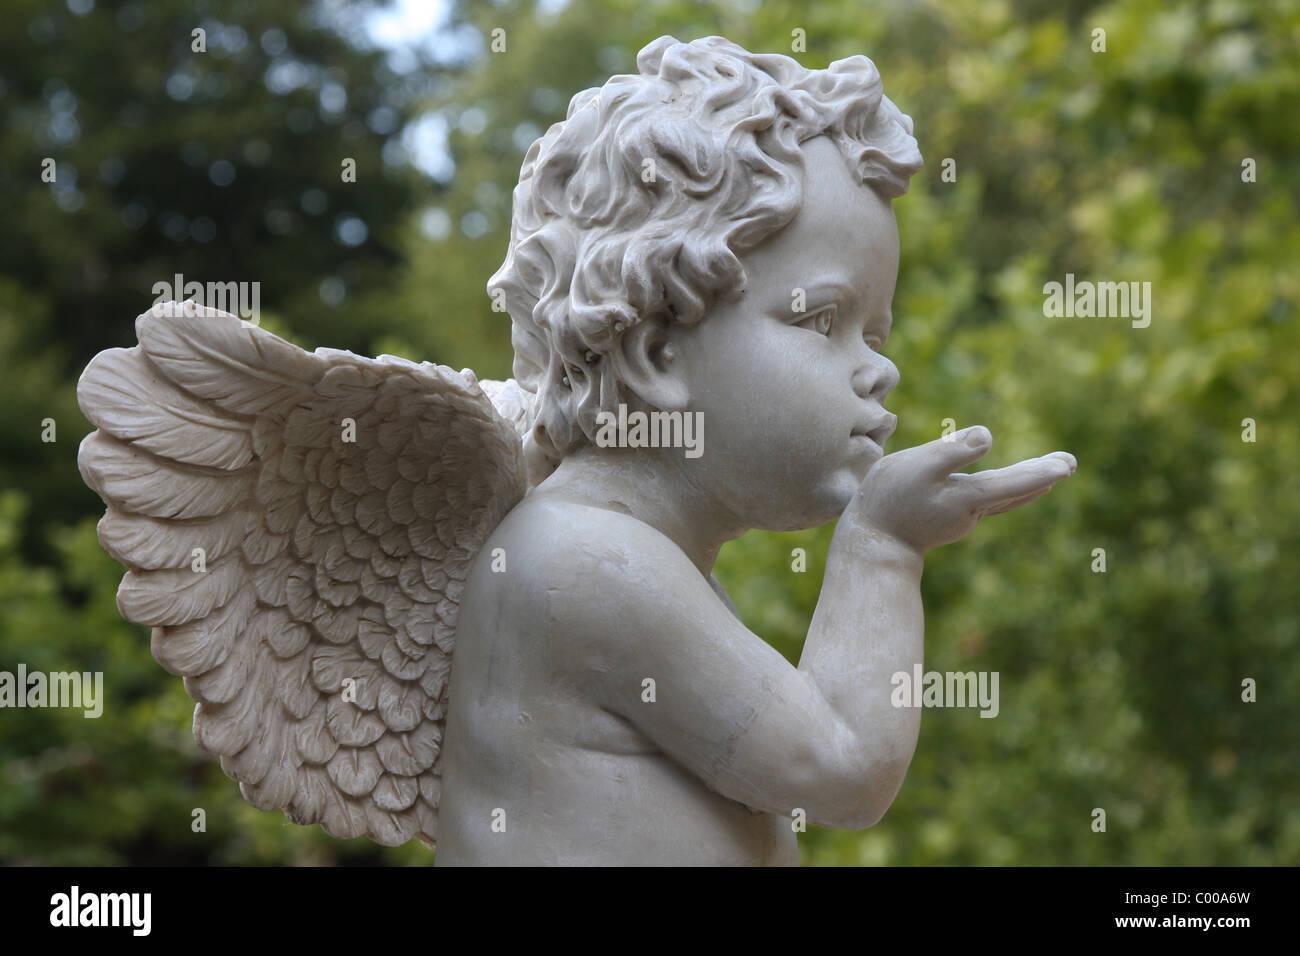 Engel, Skulptur, Schutzengel, Sculpture, Angel, Guardian Angel - Stock Image